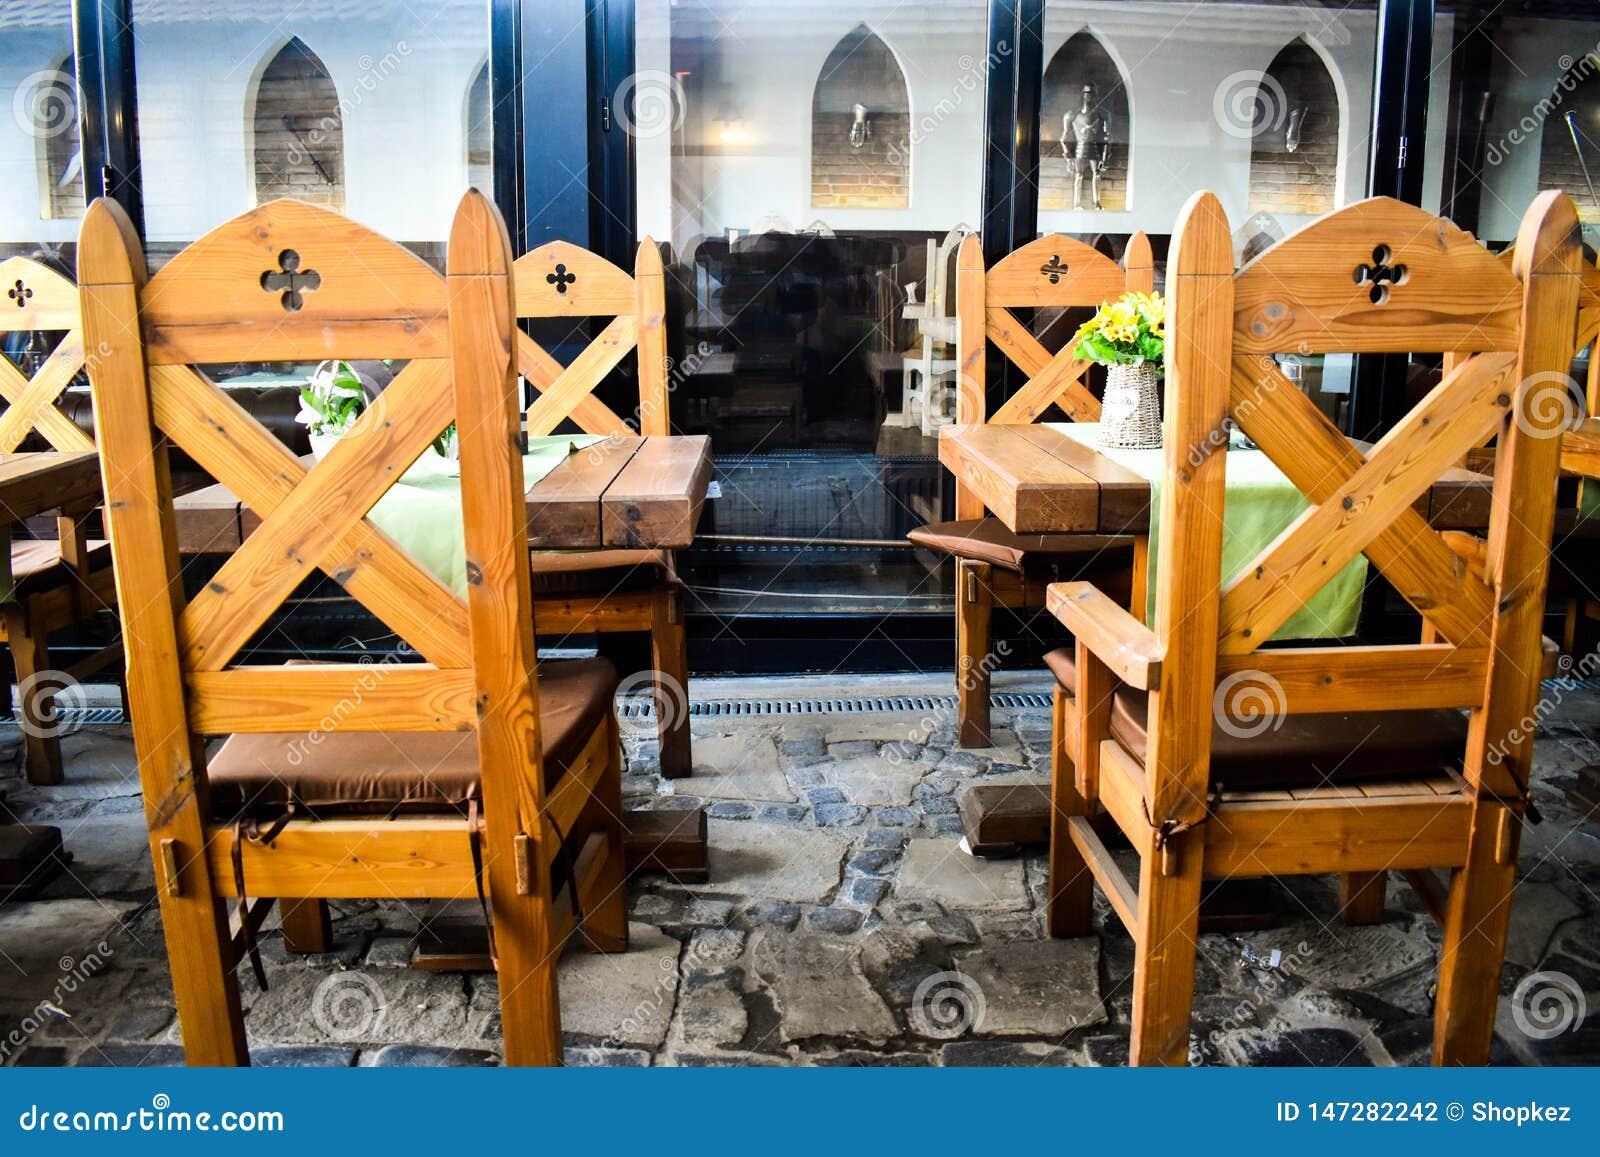 与中世纪装饰的古老木椅子在有许多封建年龄装饰元素的葡萄酒餐馆